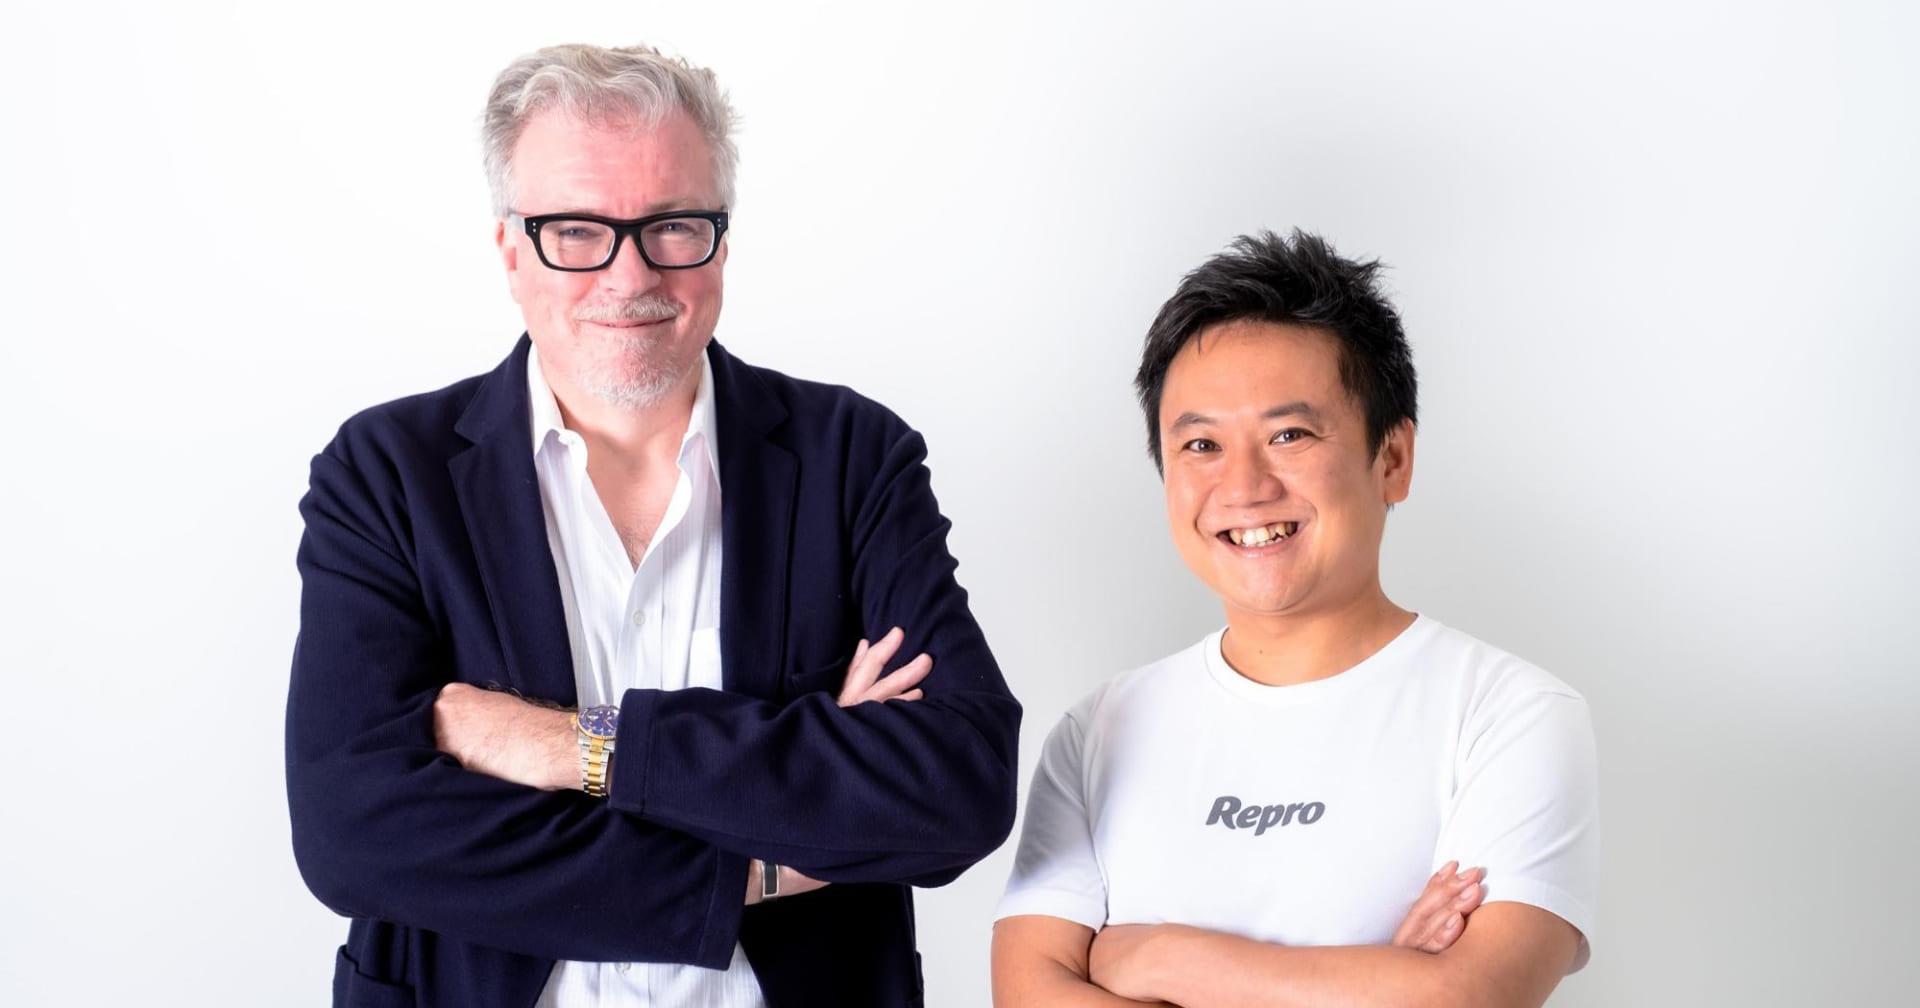 「Repro」がAI活用で高精度な1to1マーケティングを実現へ。シルバーエッグ・テクノロジーのツールと連携。